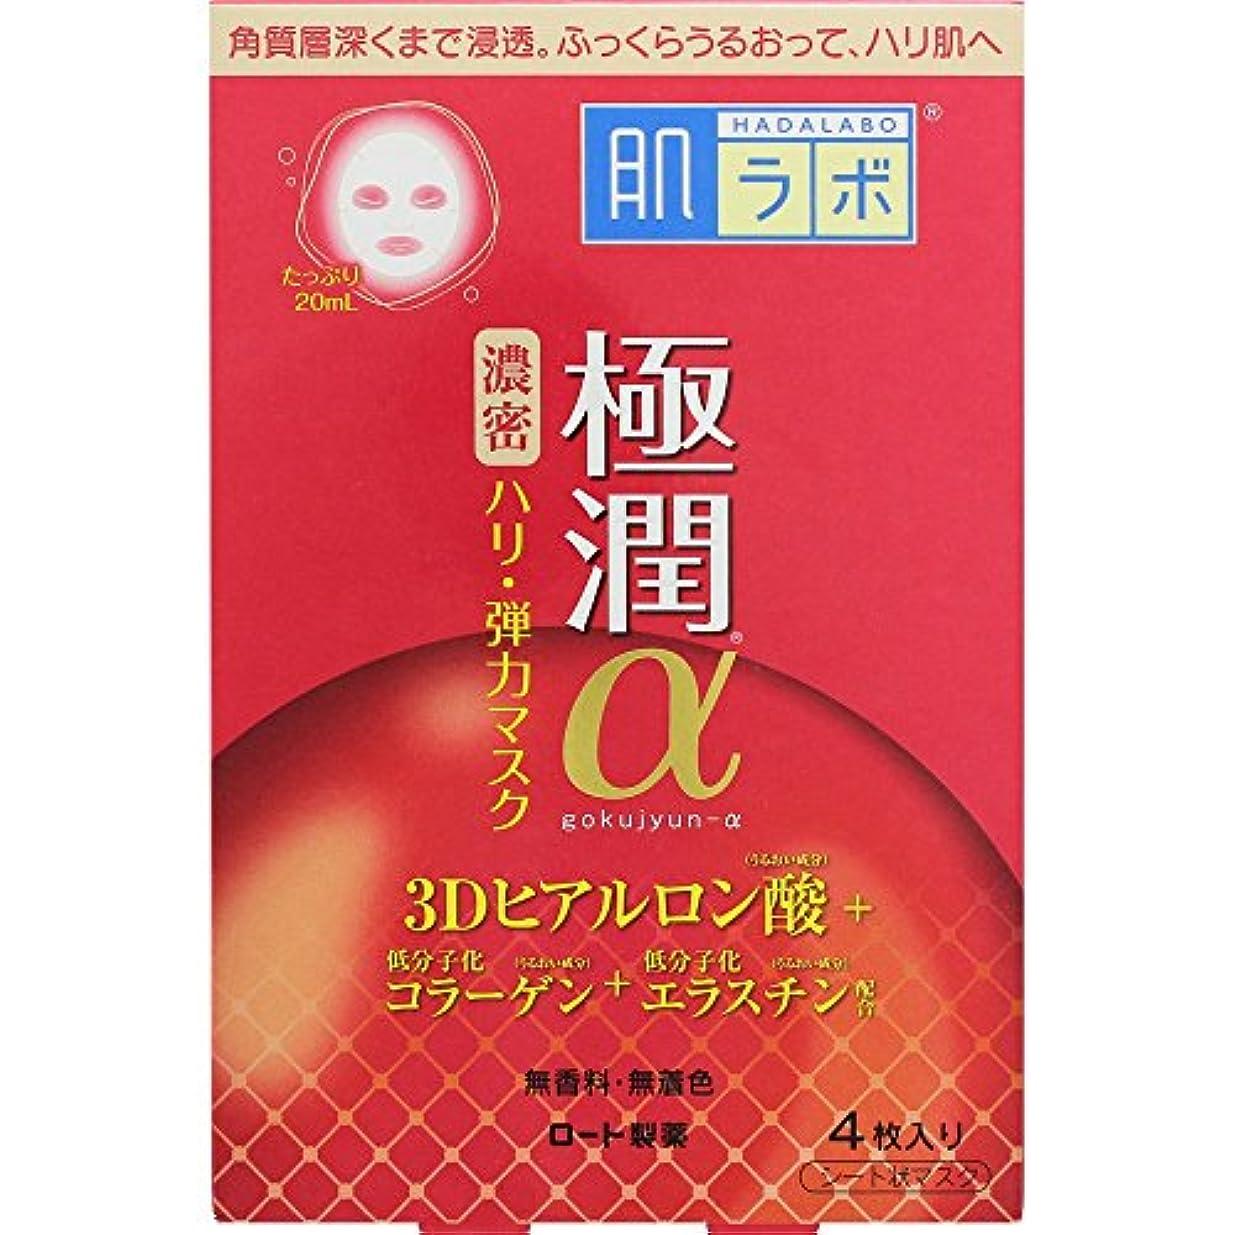 警告自慢ご飯肌ラボ 極潤α スペシャルハリマスク 3Dヒアルロン酸×低分子化コラーゲン×低分子化エラスチン配合 4枚